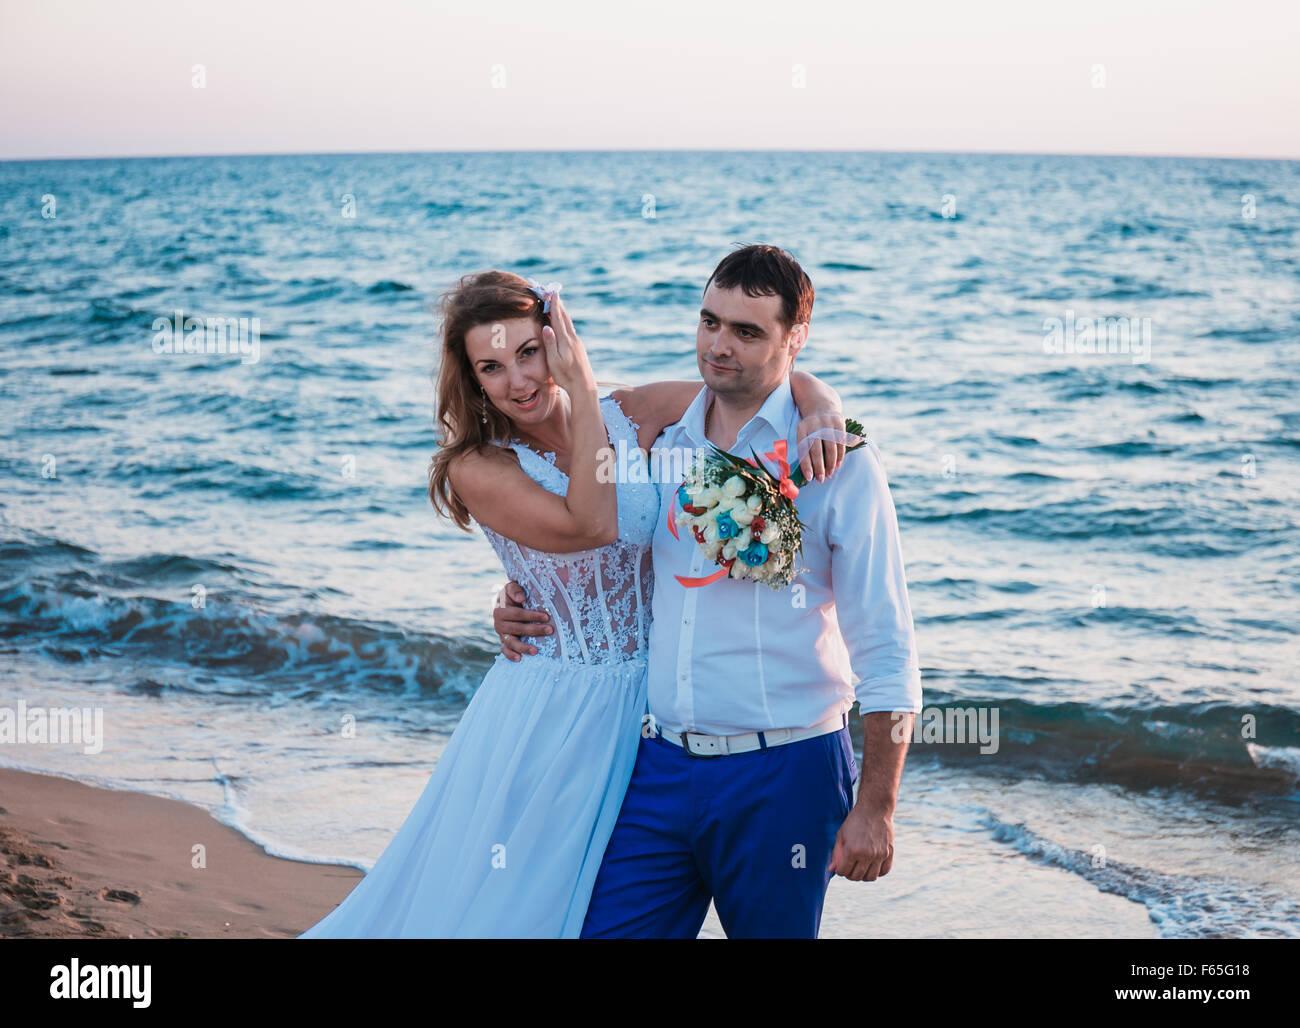 Los recién casados caminando sobre una playa Imagen De Stock